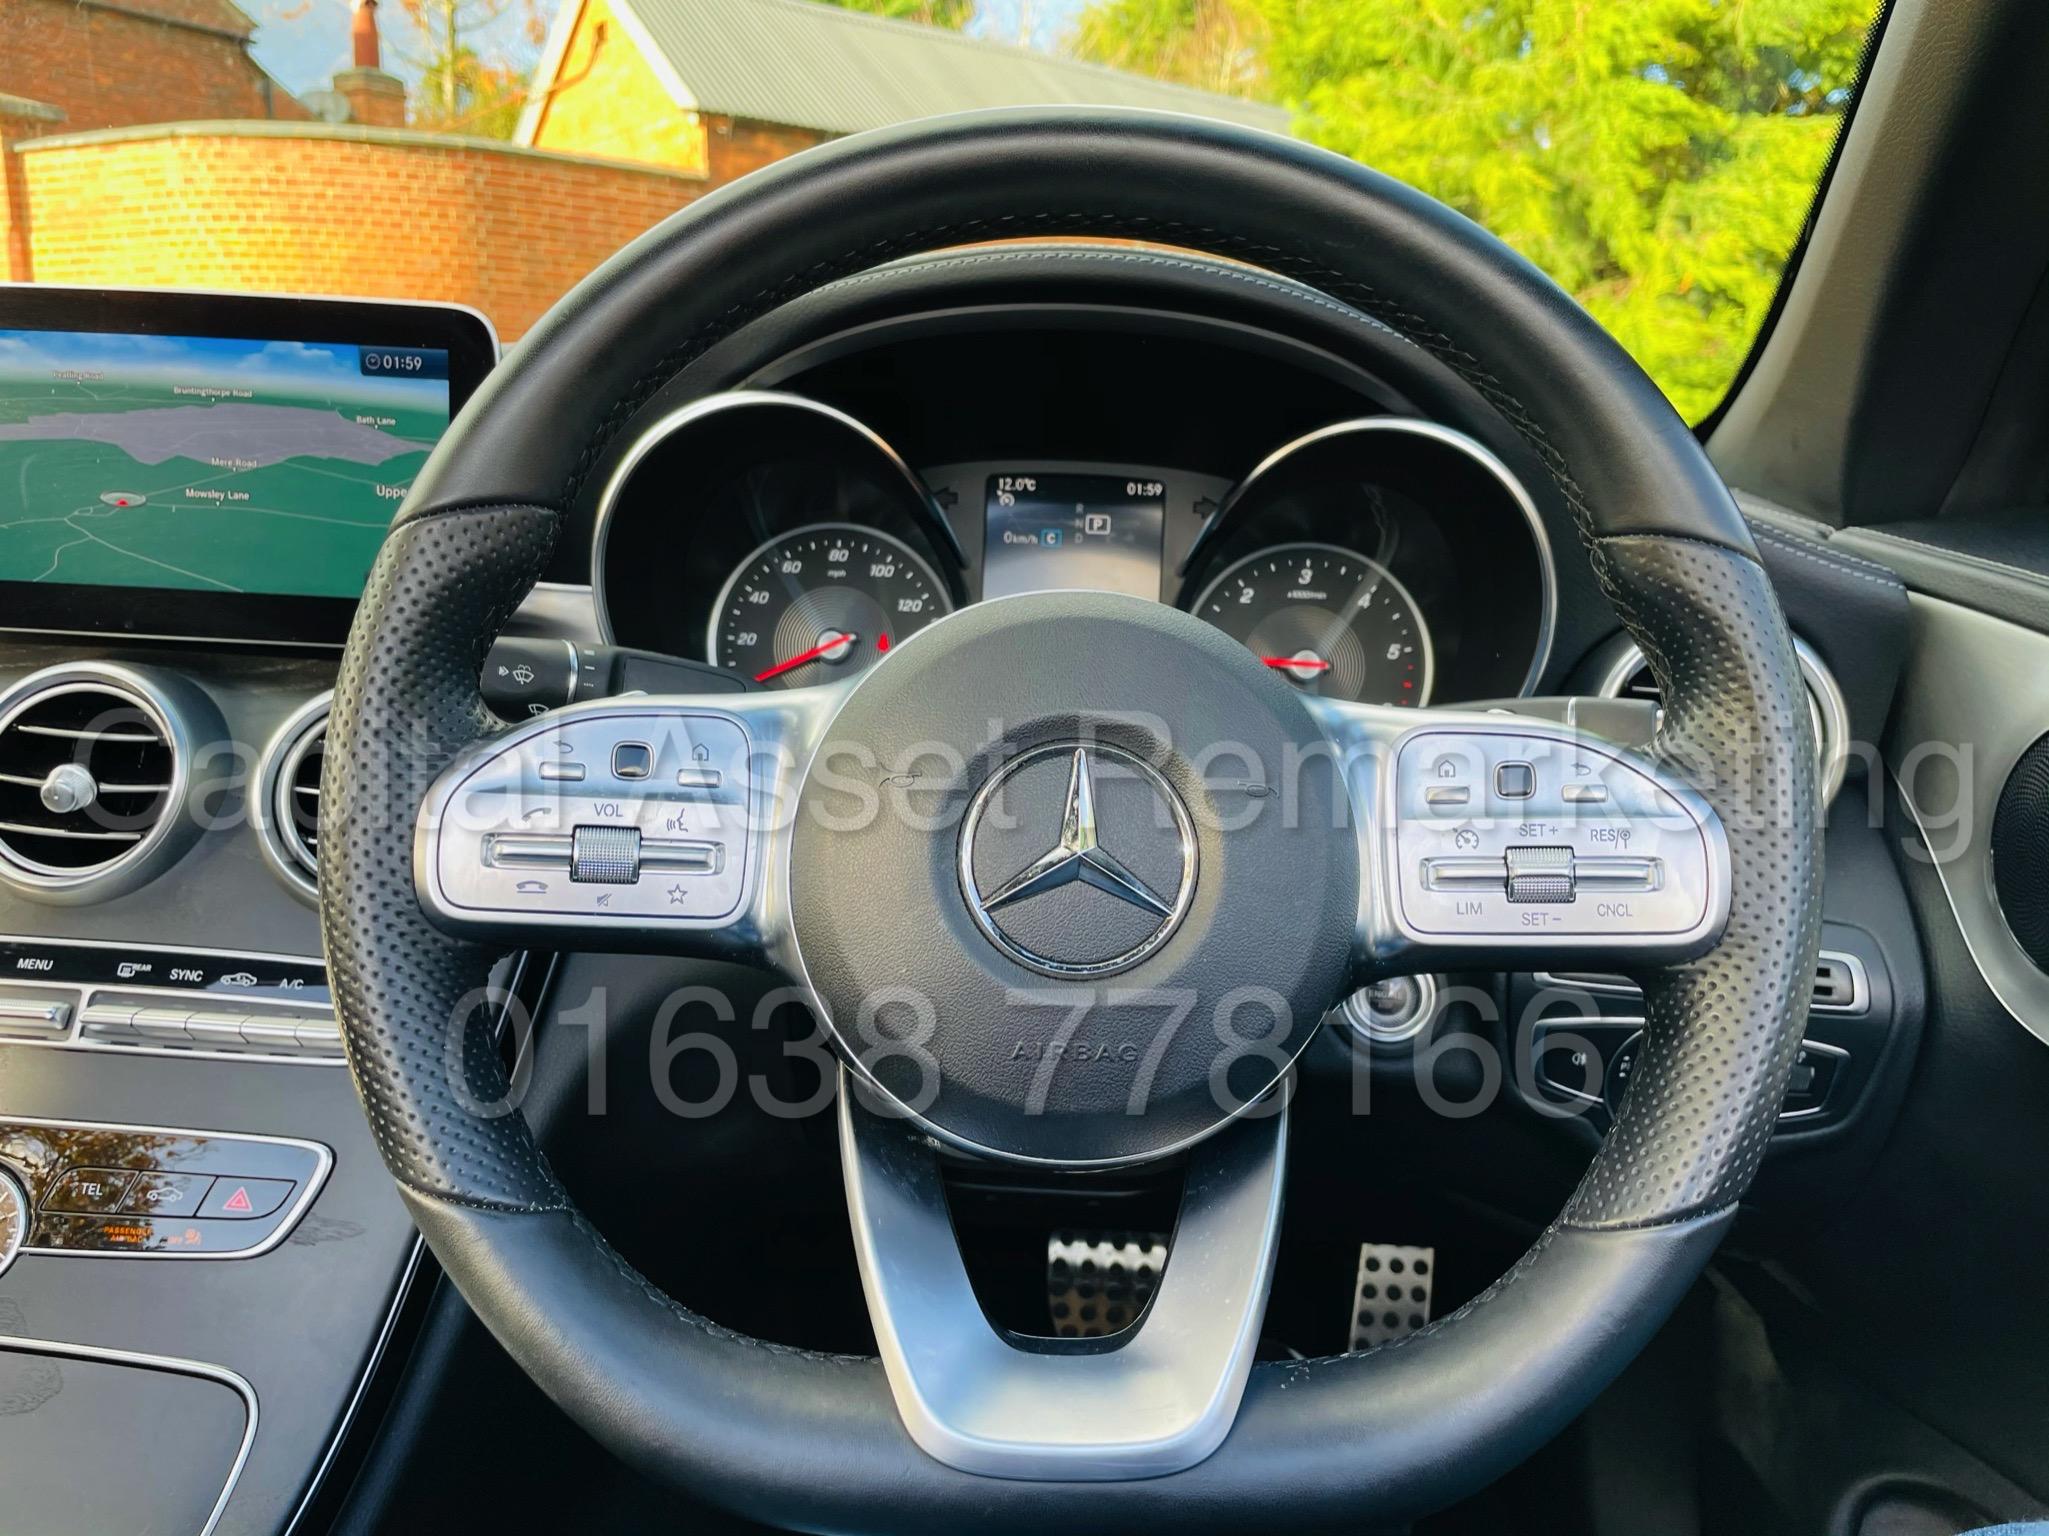 (On Sale) MERCEDES-BENZ C220D *AMG LINE -CABRIOLET* (2019) '9G AUTO - LEATHER - SAT NAV' *HUGE SPEC* - Image 42 of 43